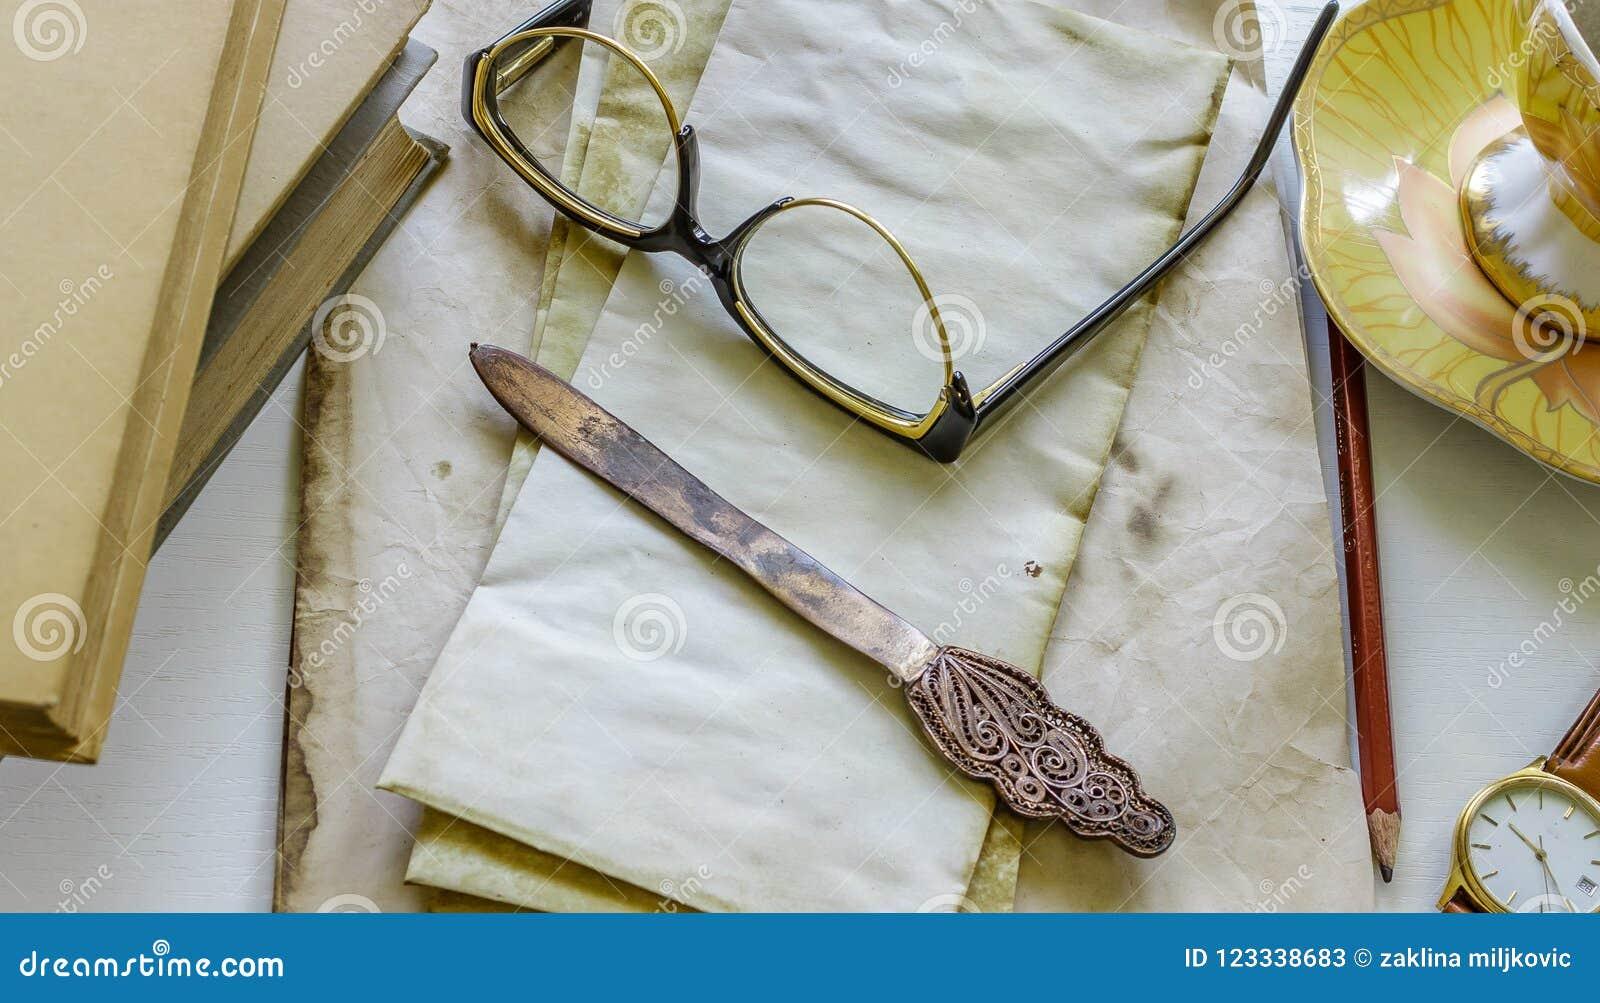 Εκλεκτής ποιότητας βιβλία επιστολών, επιστολές, γυαλιά και wristwatch